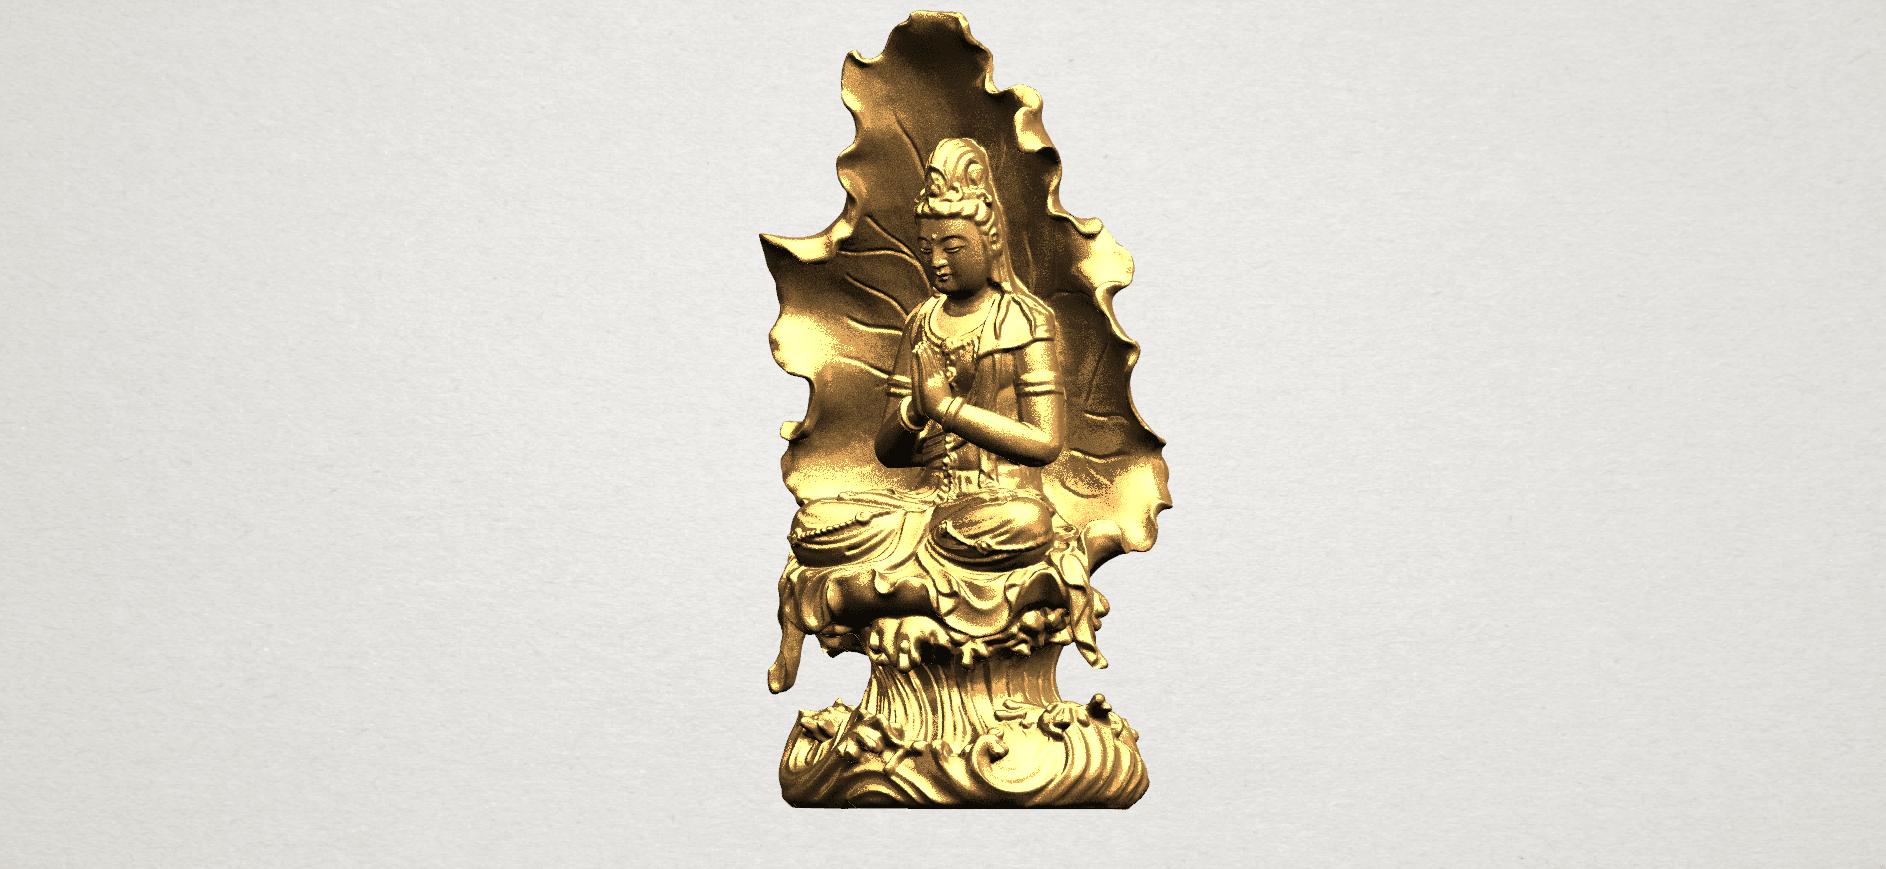 Avalokitesvara Buddha (with Lotus Leave) (ii) A02.png Download free STL file Avalokitesvara Buddha (with Lotus Leave) 02 • Model to 3D print, GeorgesNikkei